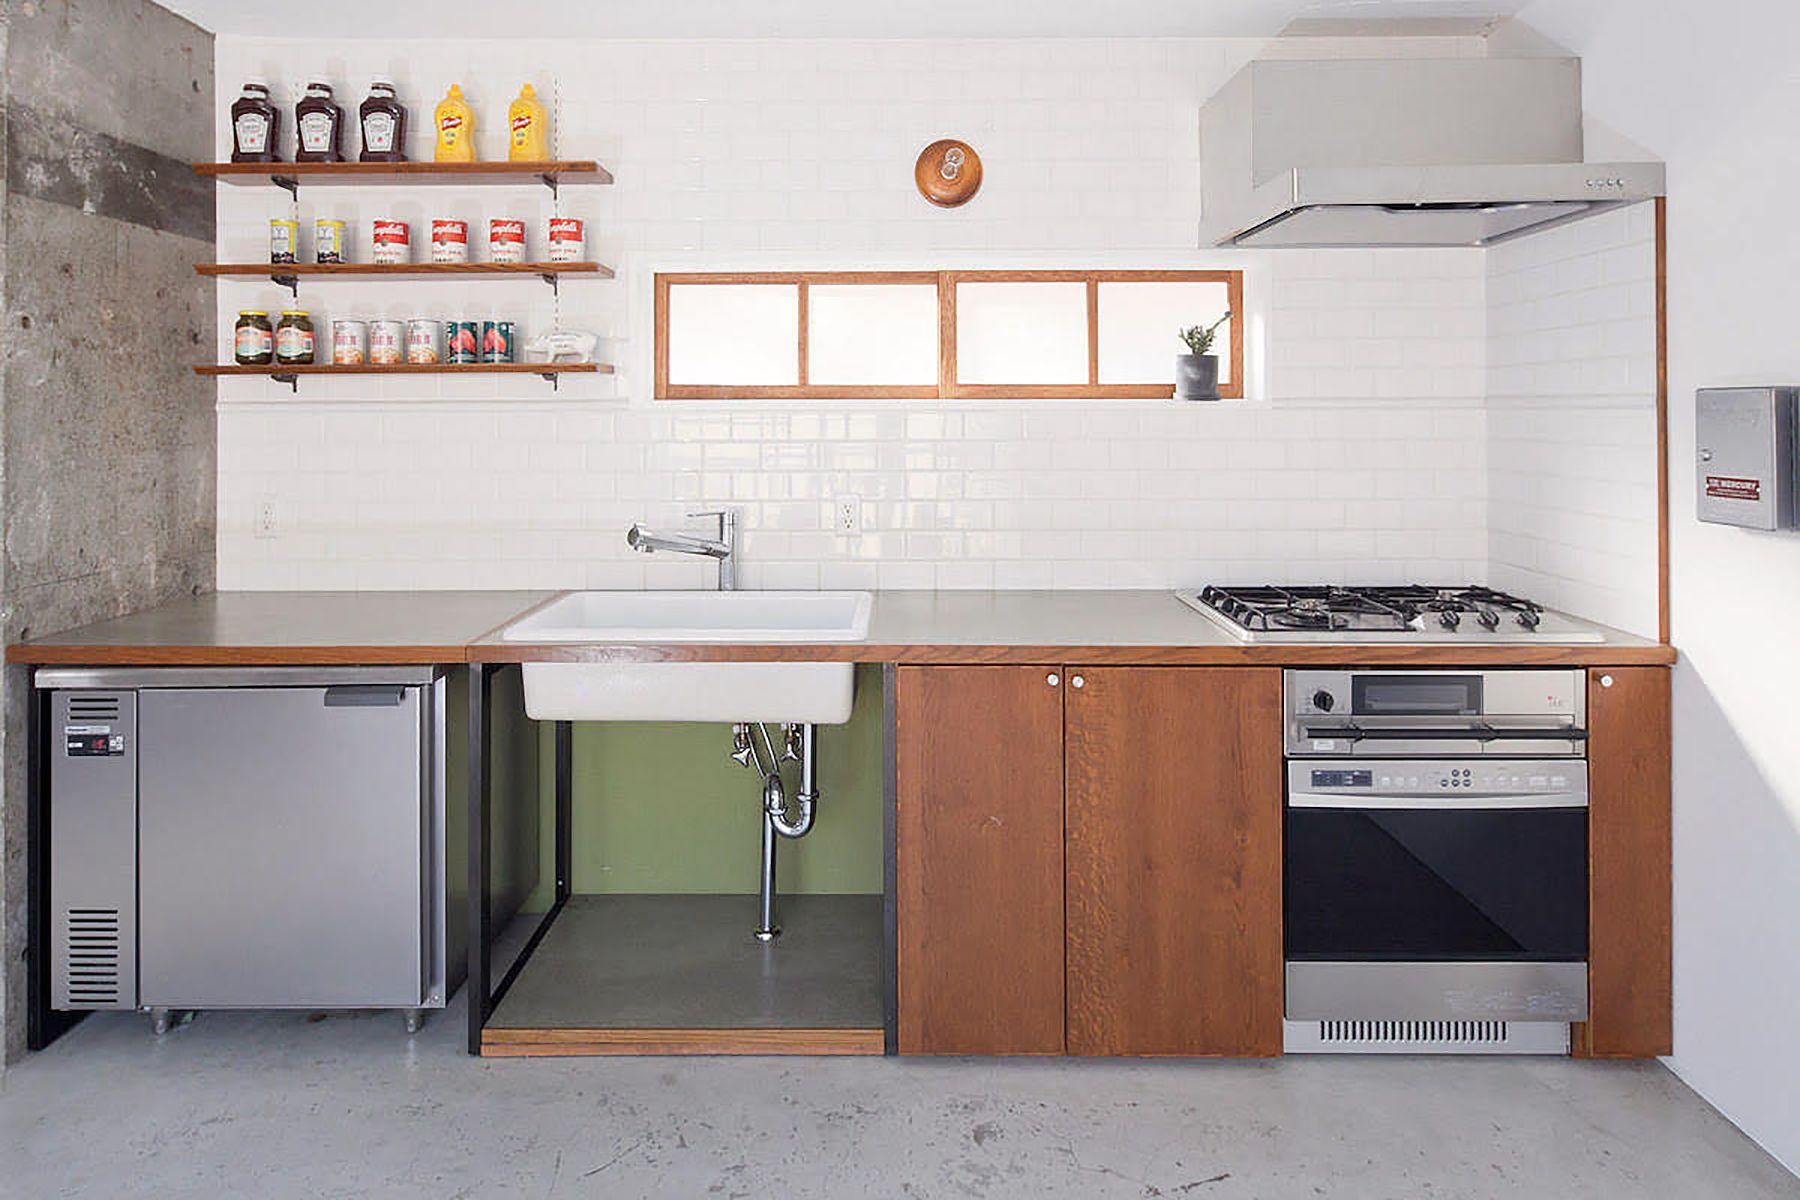 RE studio (アールイースタジオ)陶器製シンク、冷蔵庫付